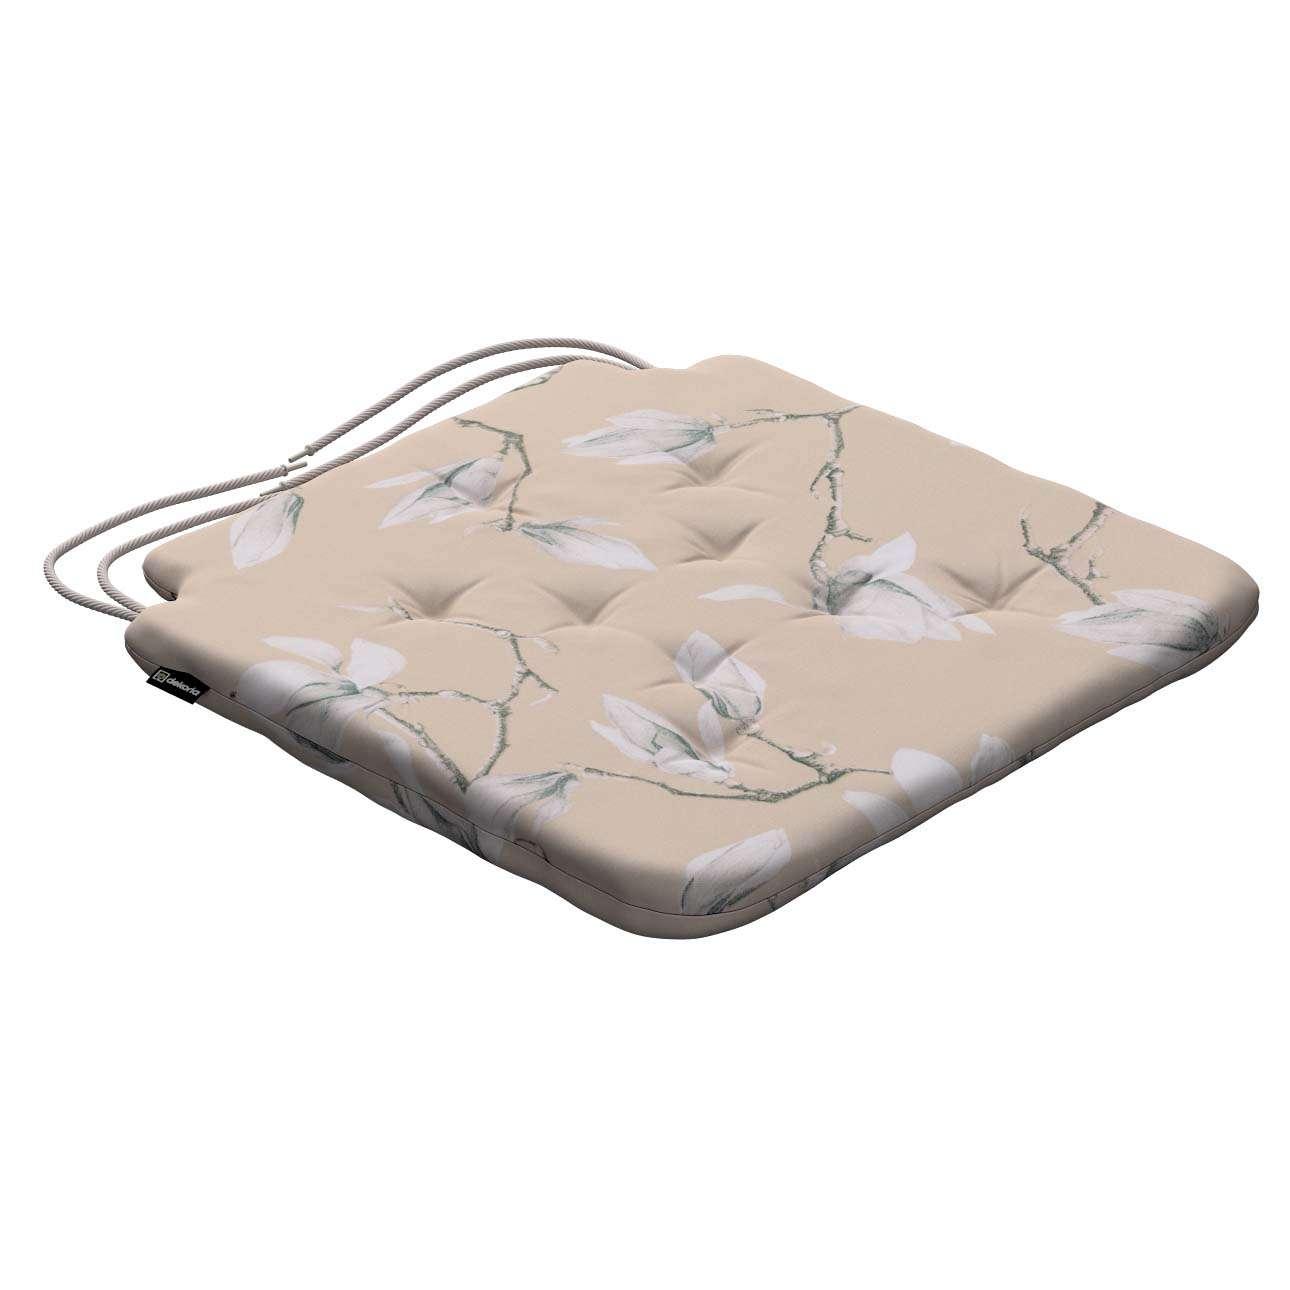 Siedzisko Olek na krzesło 42x41x3,5cm w kolekcji Flowers, tkanina: 311-12